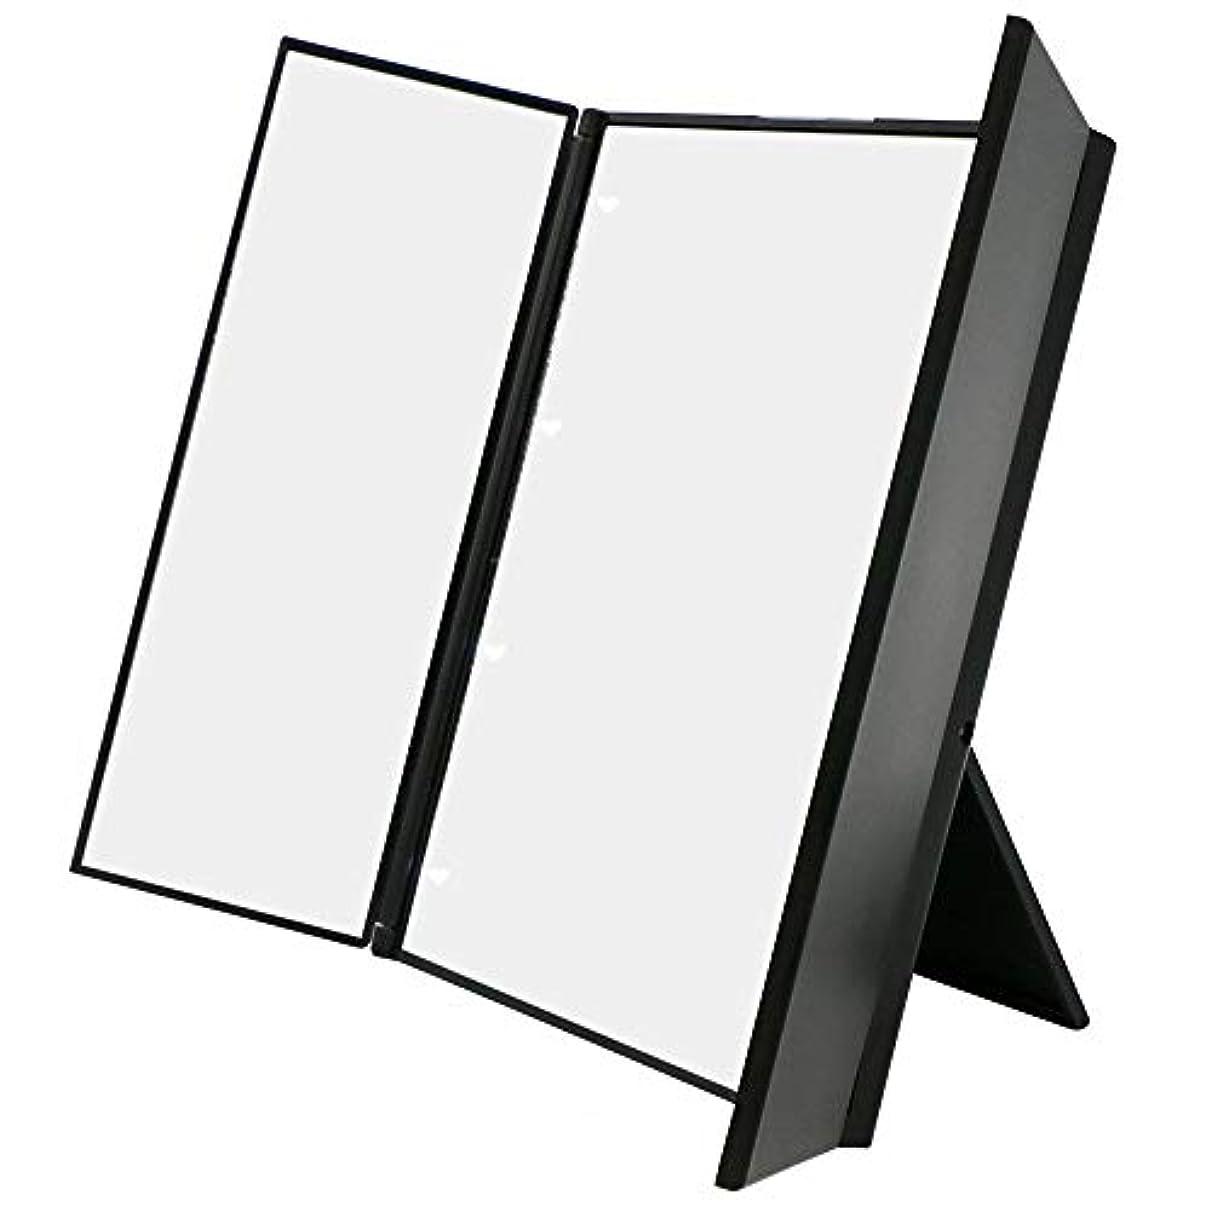 マンハッタン収束確立します化粧鏡 卓上ミラー三面鏡 スタンドミラー LED付き 折りたたみ式 角度調整可能